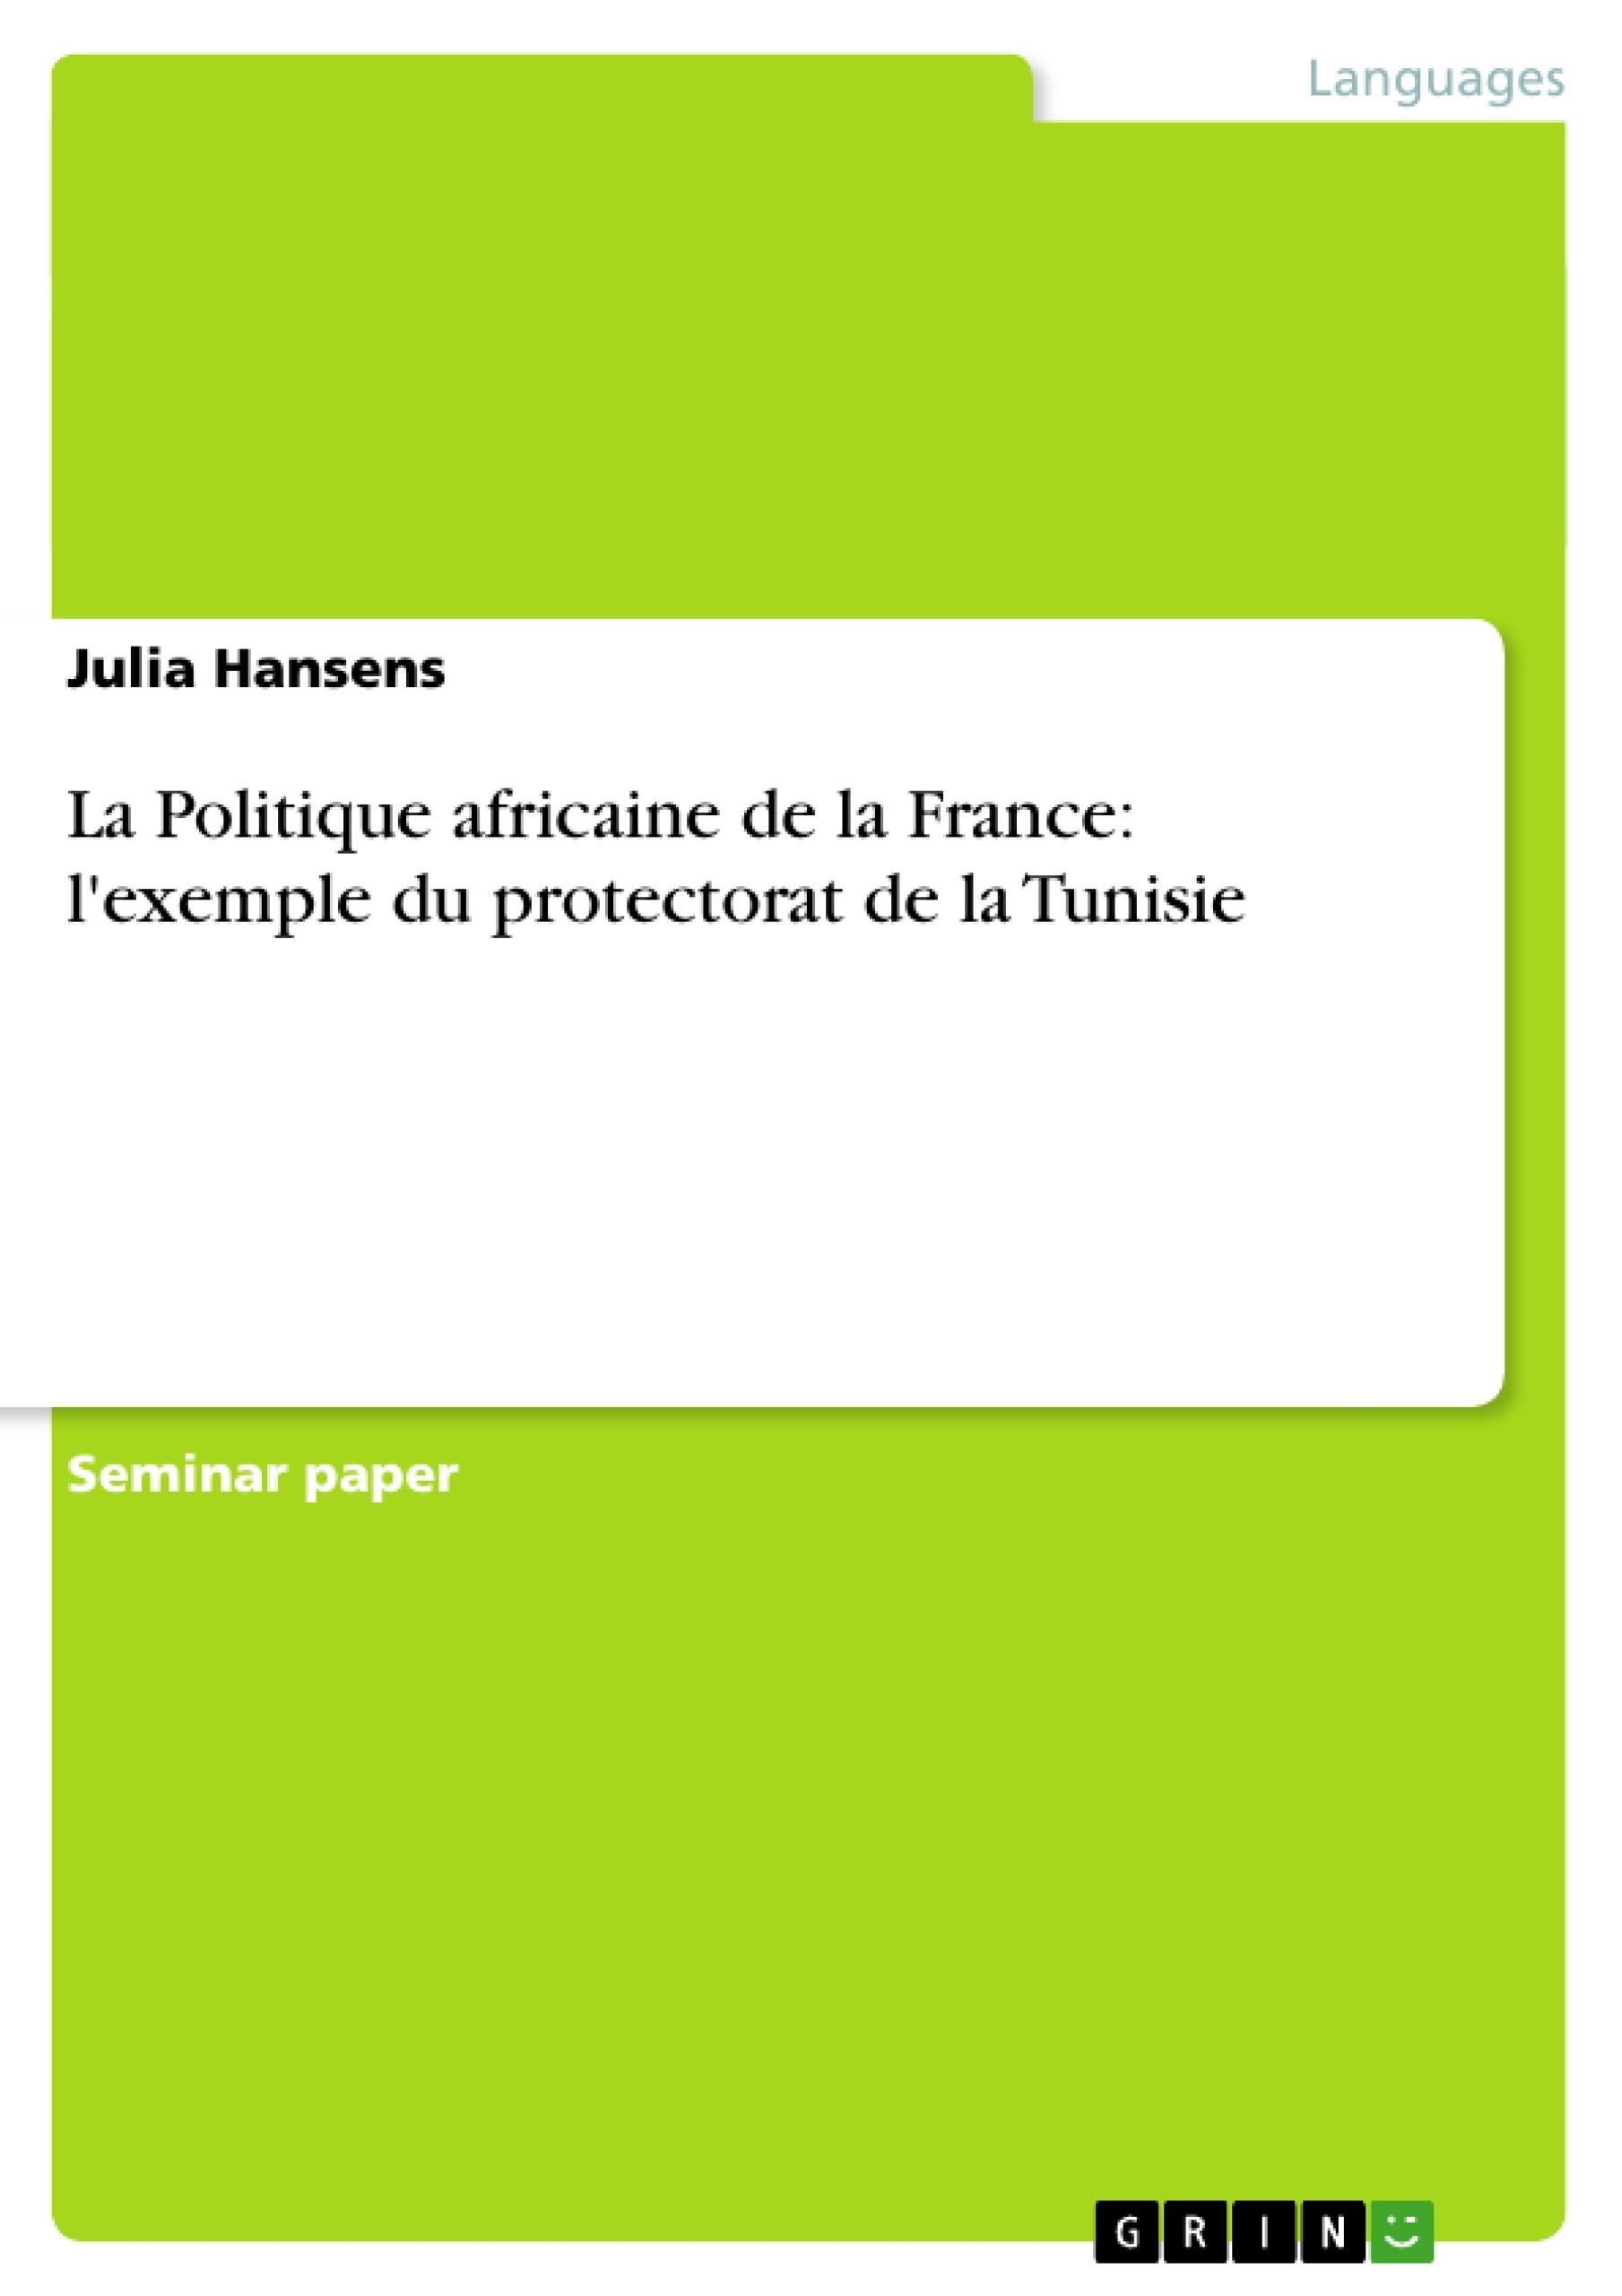 Titre: La Politique africaine de la France: l'exemple du protectorat de la Tunisie